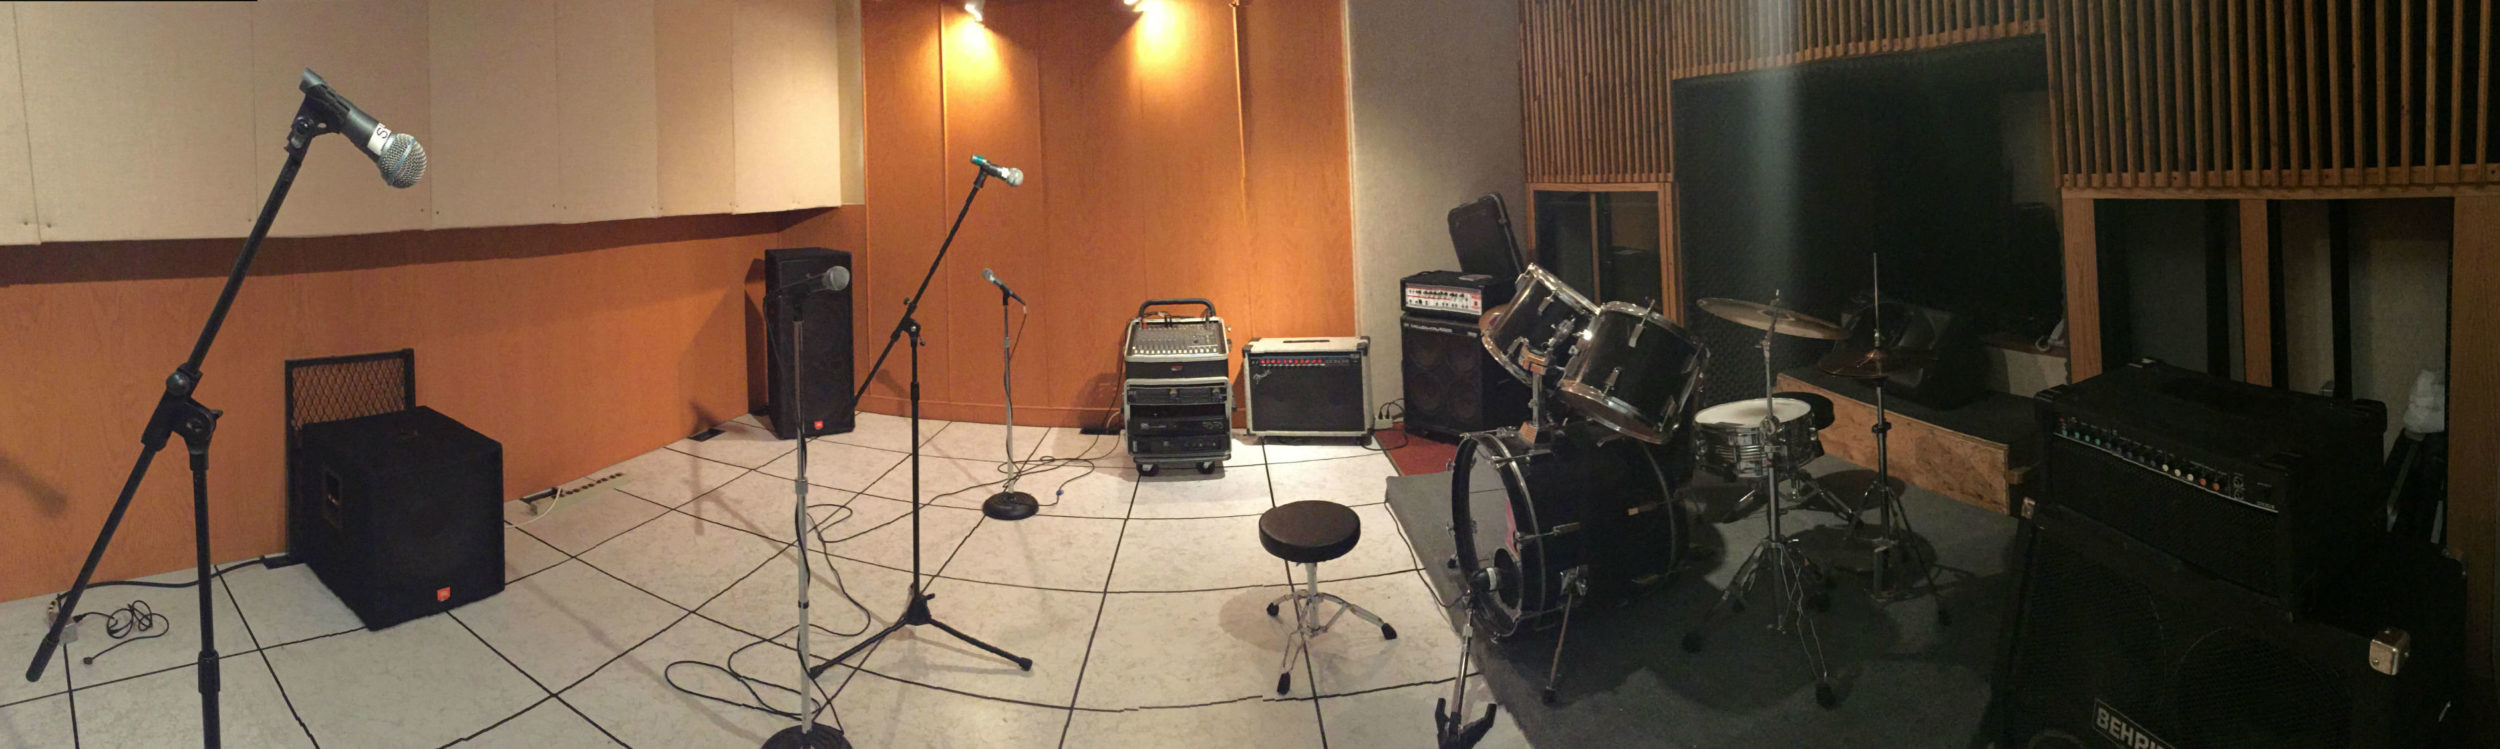 powerhouse studios calgary